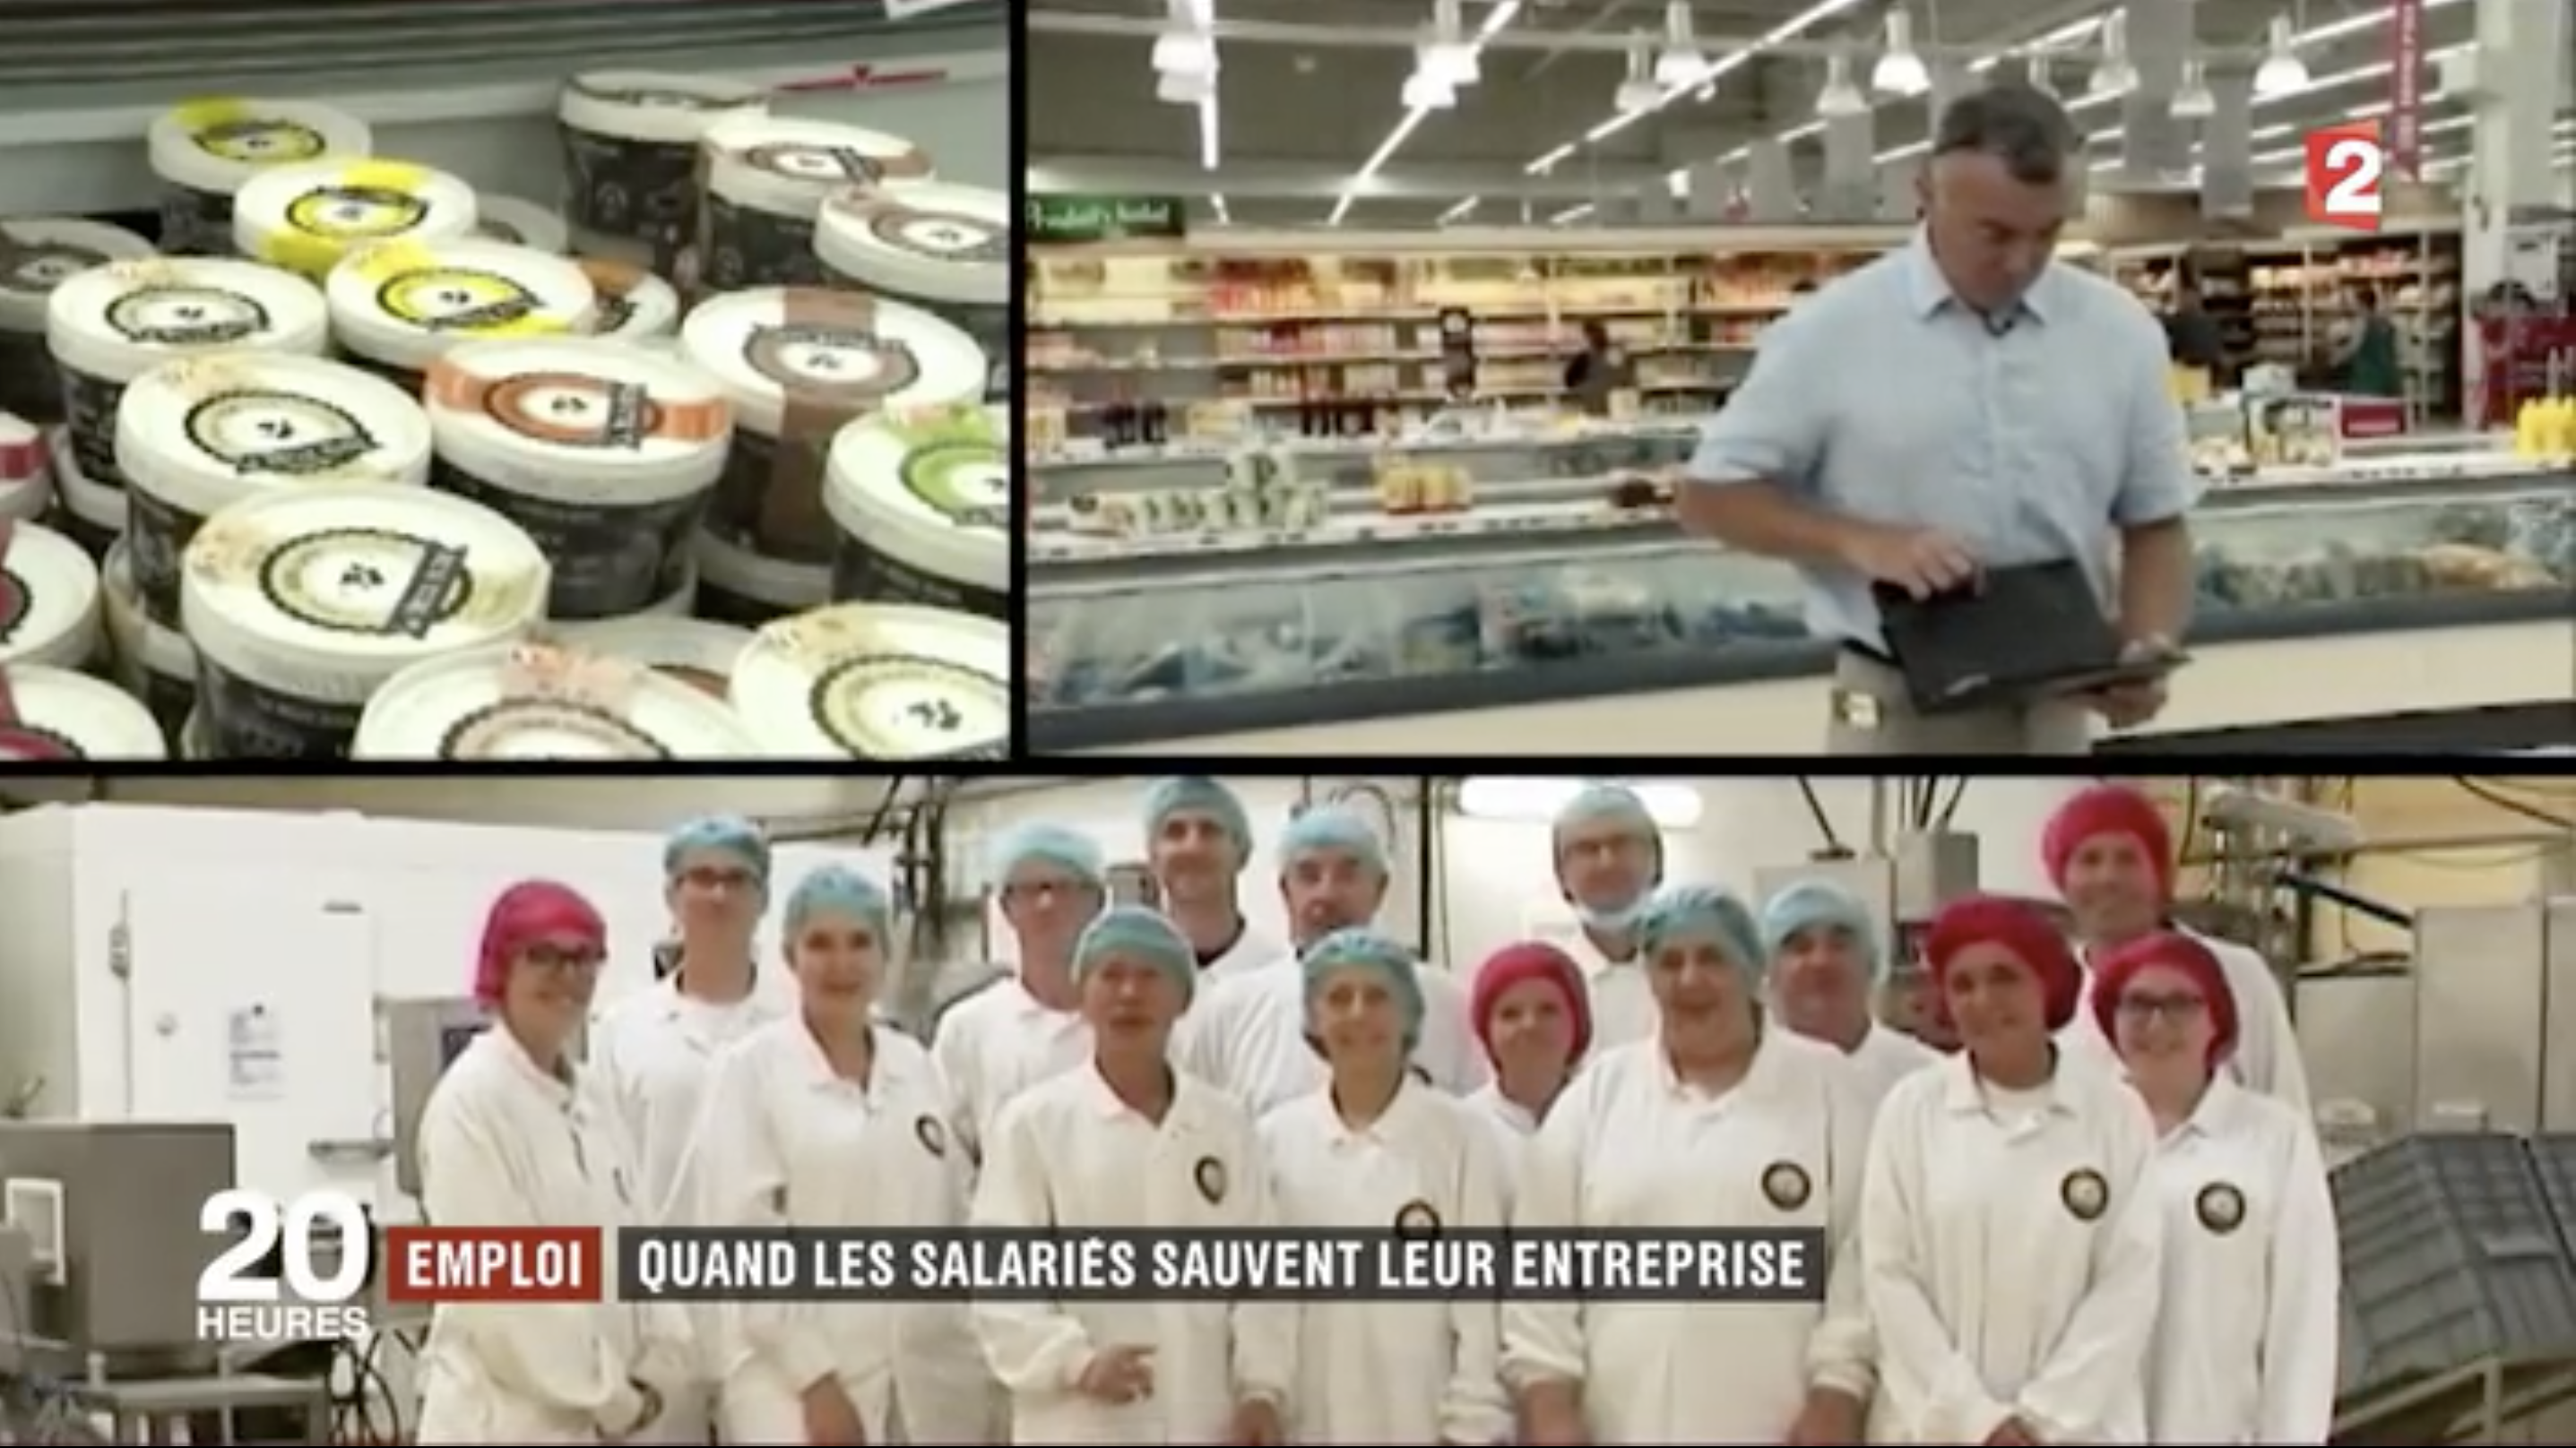 Reportage France2 sur les Glaces La Belle Aude